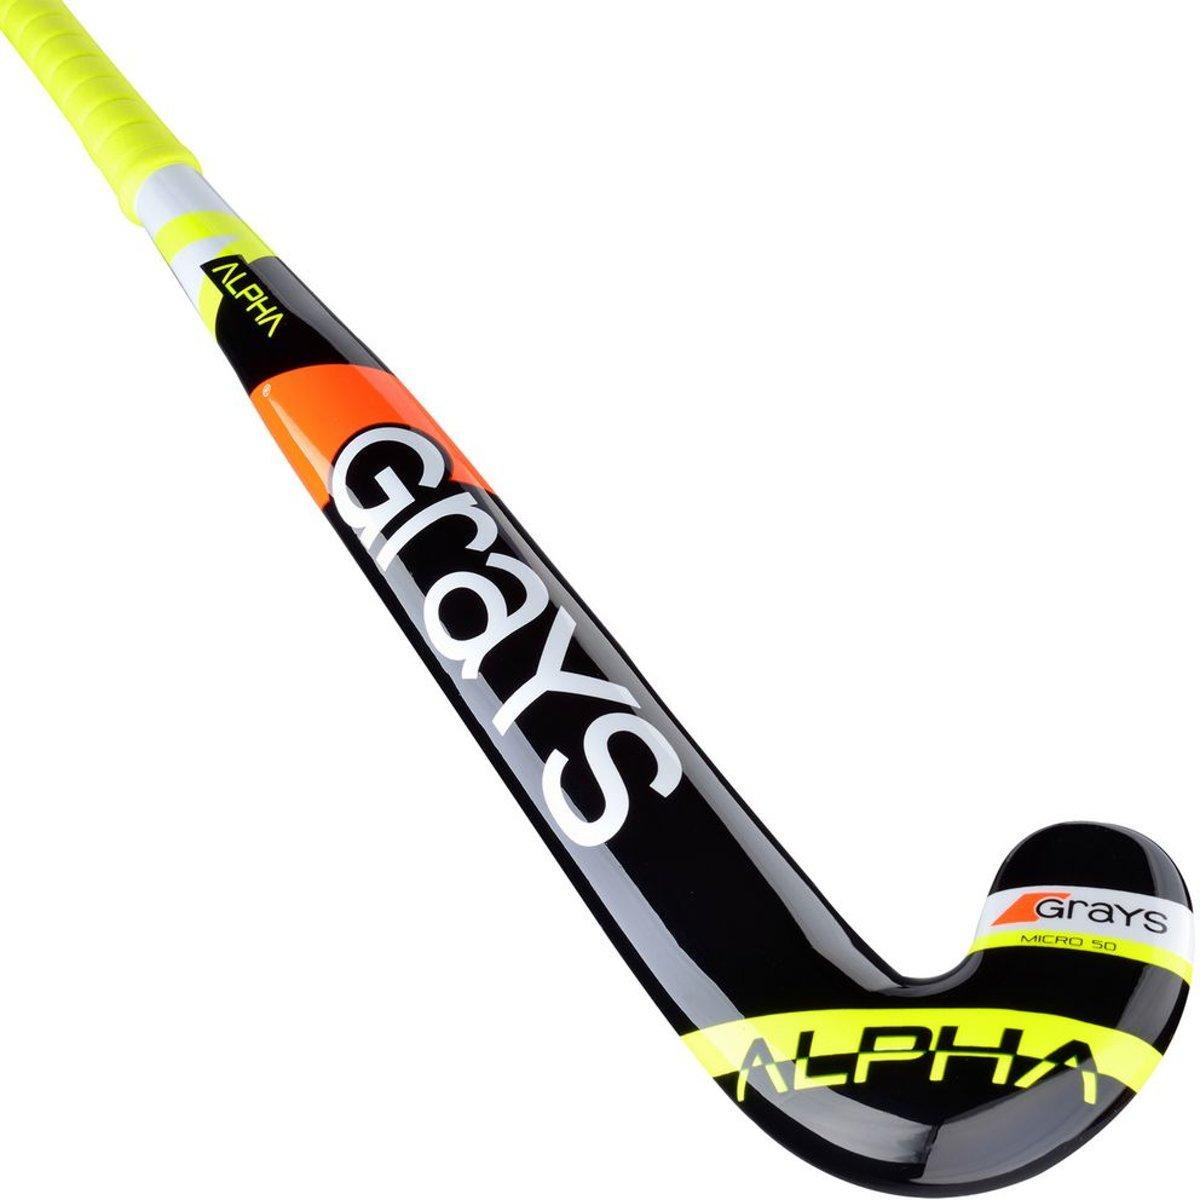 Grays HockeystickKinderen - zwart/geel/wit kopen